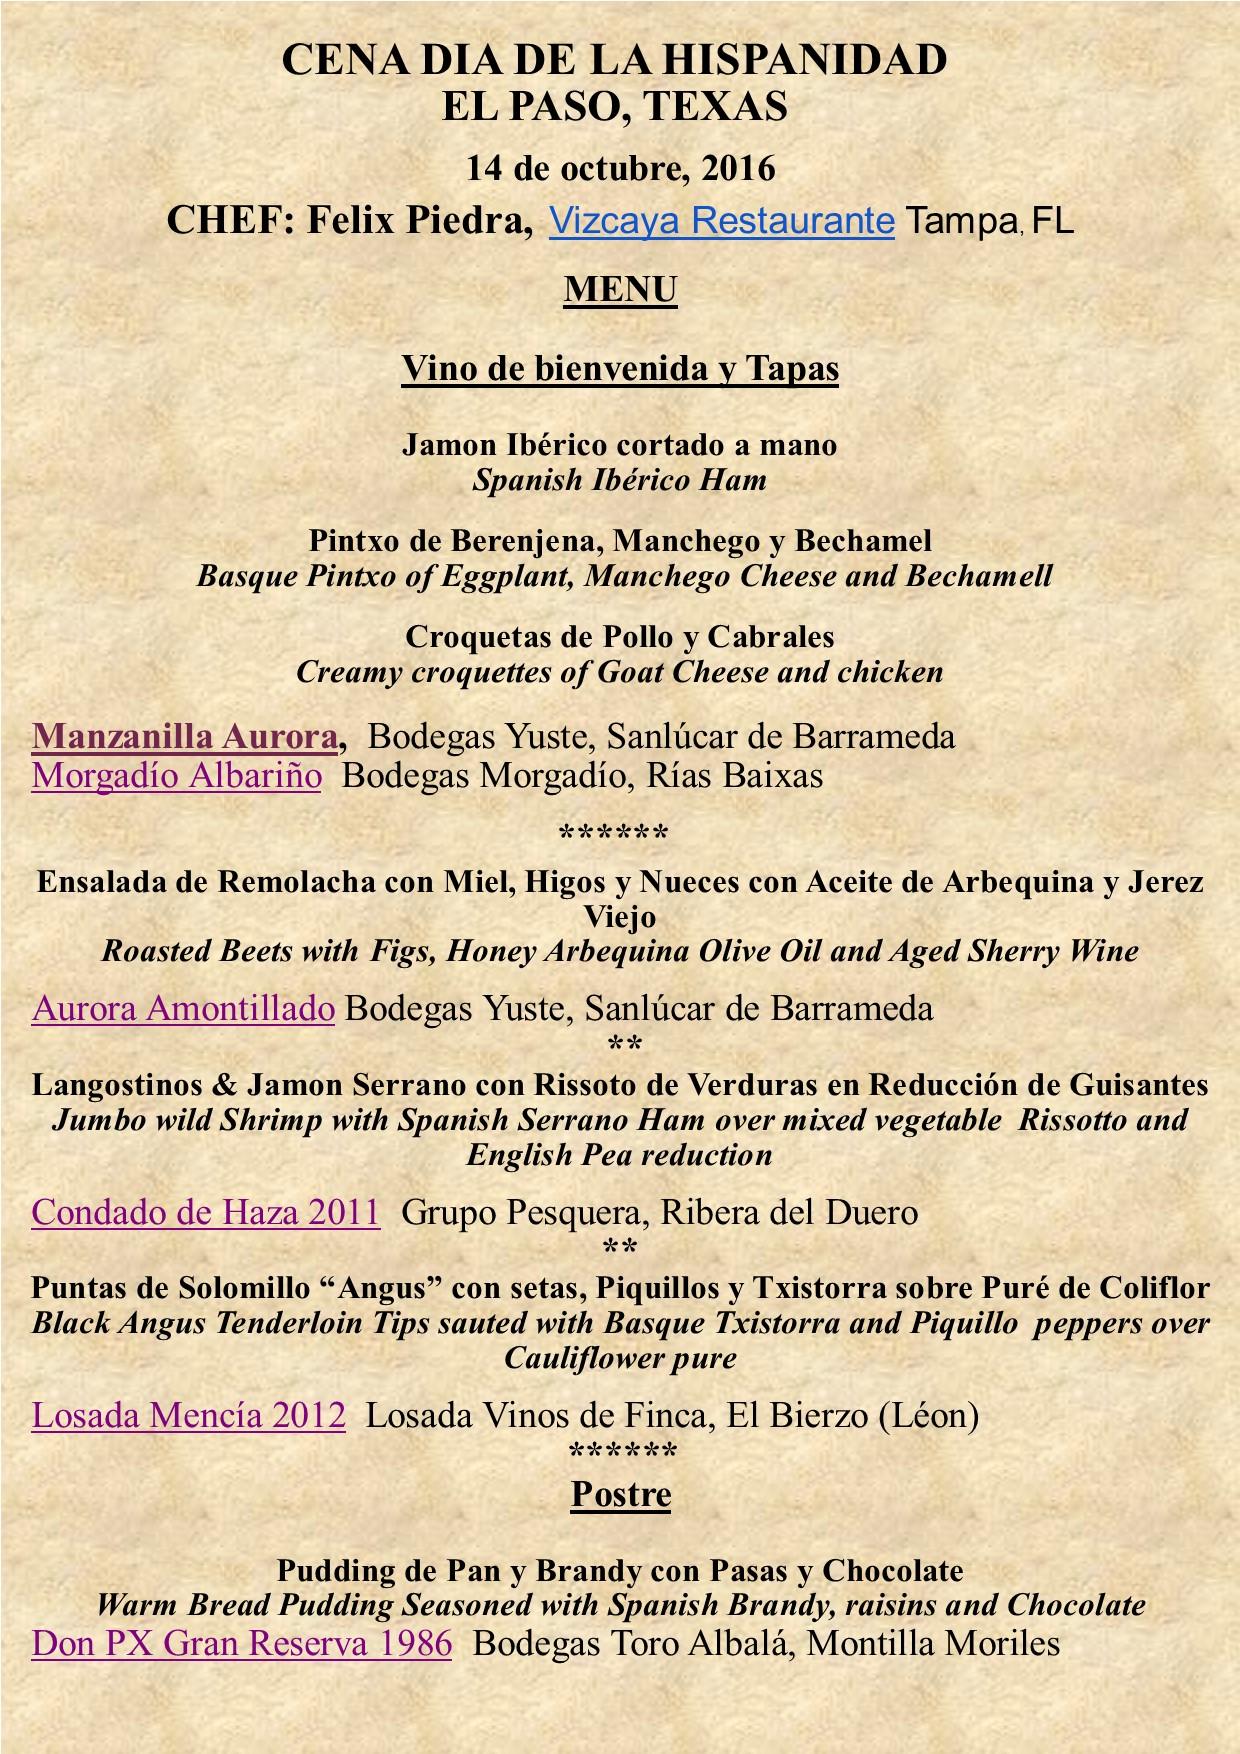 Cena del Día de la Hispanidad in El Paso, Texas./Spanish Heritage Day Dinner in El Paso,Texas